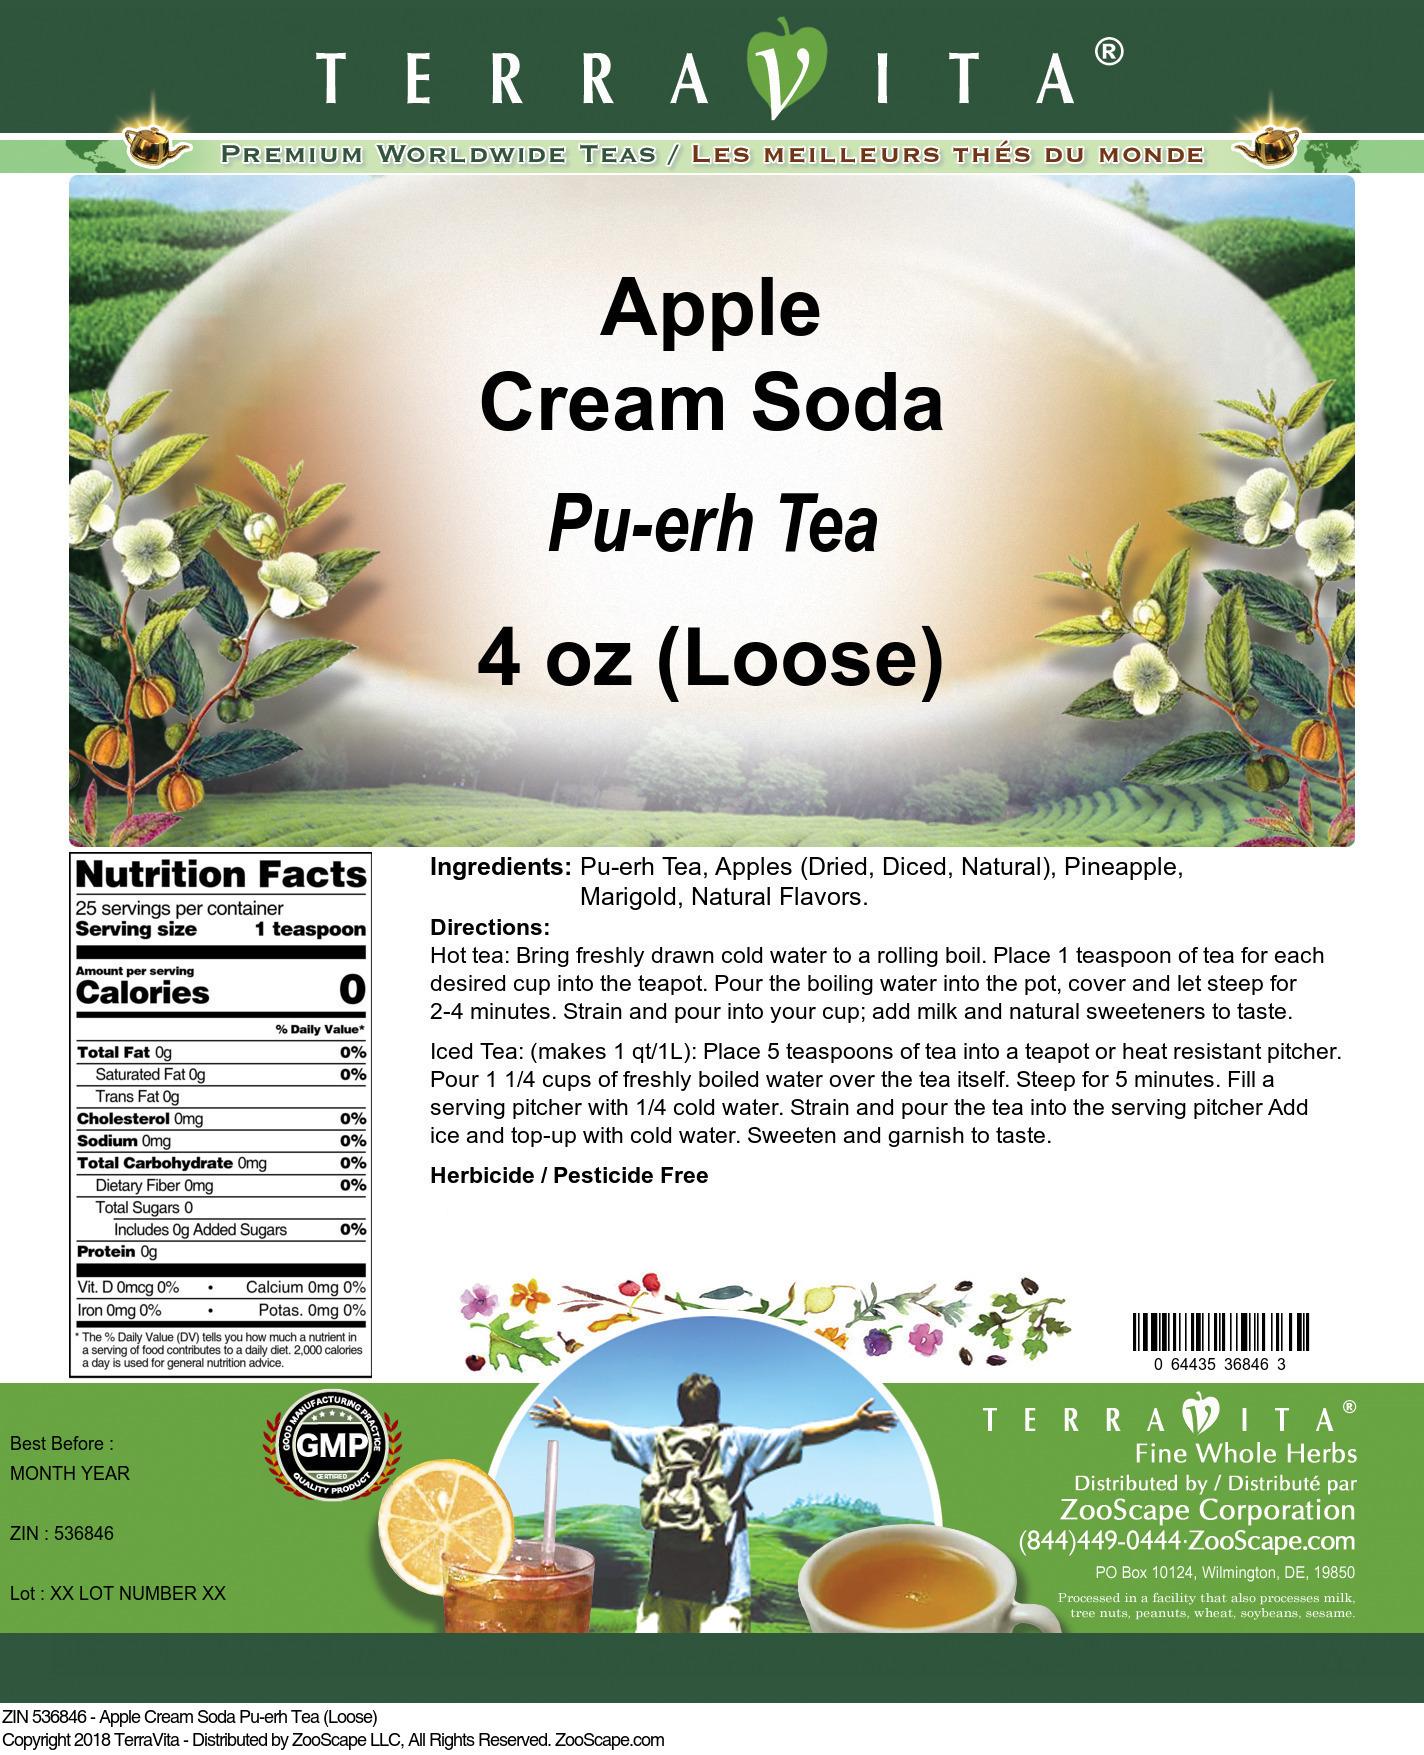 Apple Cream Soda Pu-erh Tea